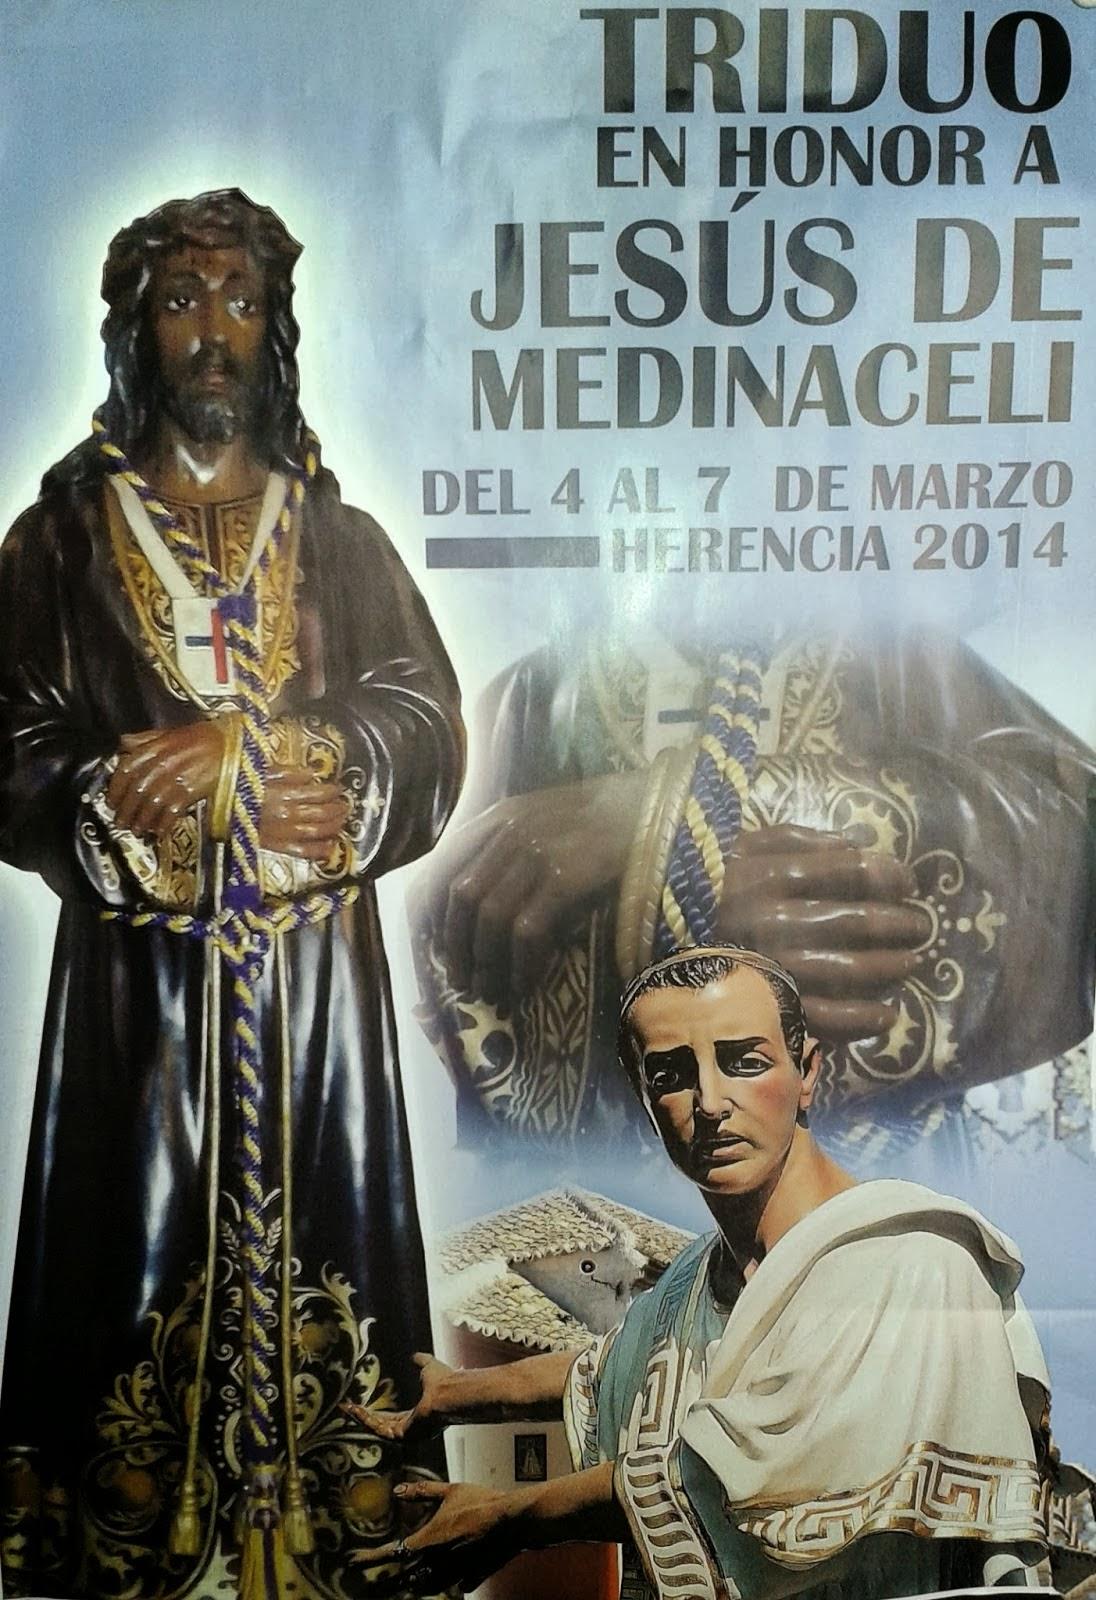 Triduo y Via Crucis con la imagen de Jesús de Medinaceli